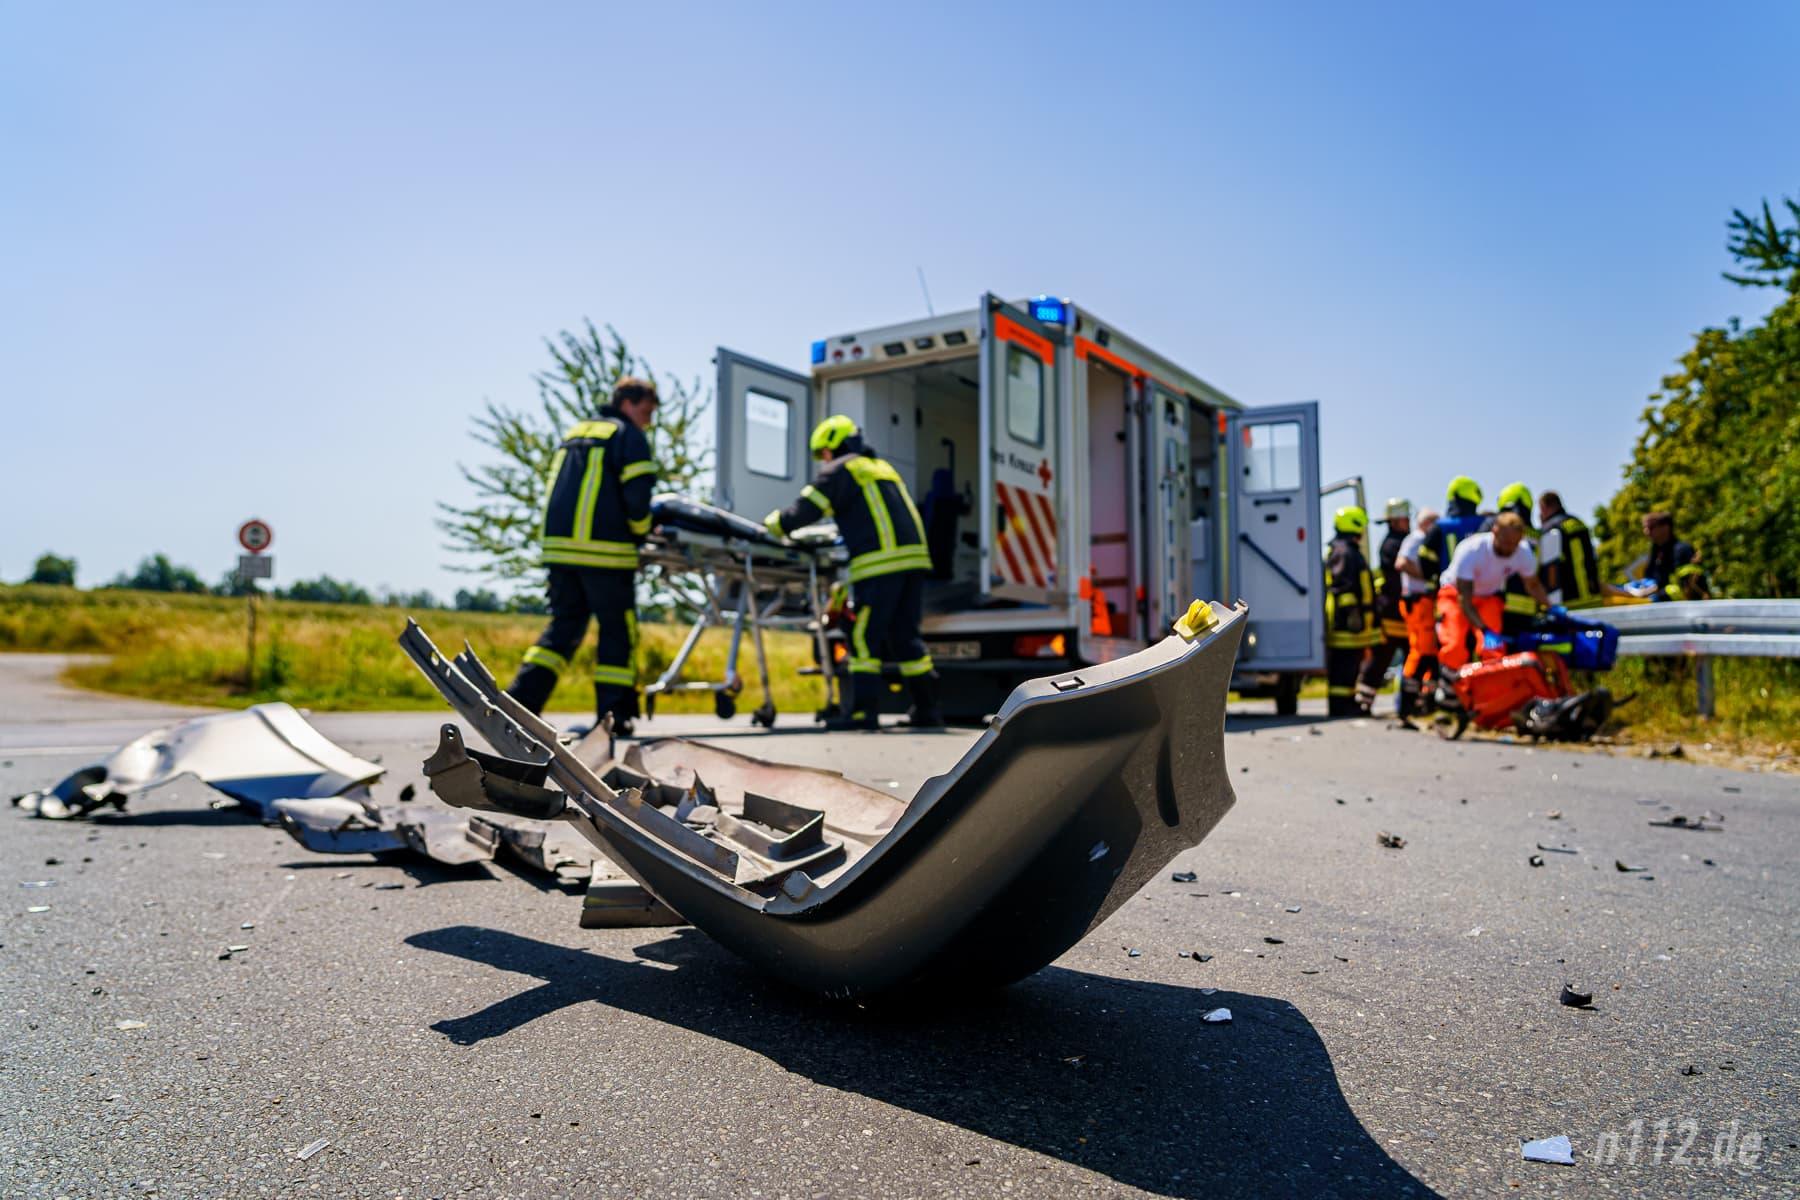 Die abgerissene Frontschürze des Autos liegt auf der Kreuzung - im Hintergrund tragen die Helfer den Verletzten aus dem Gebüsch zum Rettungswagen (Foto: n112.de/Stefan Simonsen)